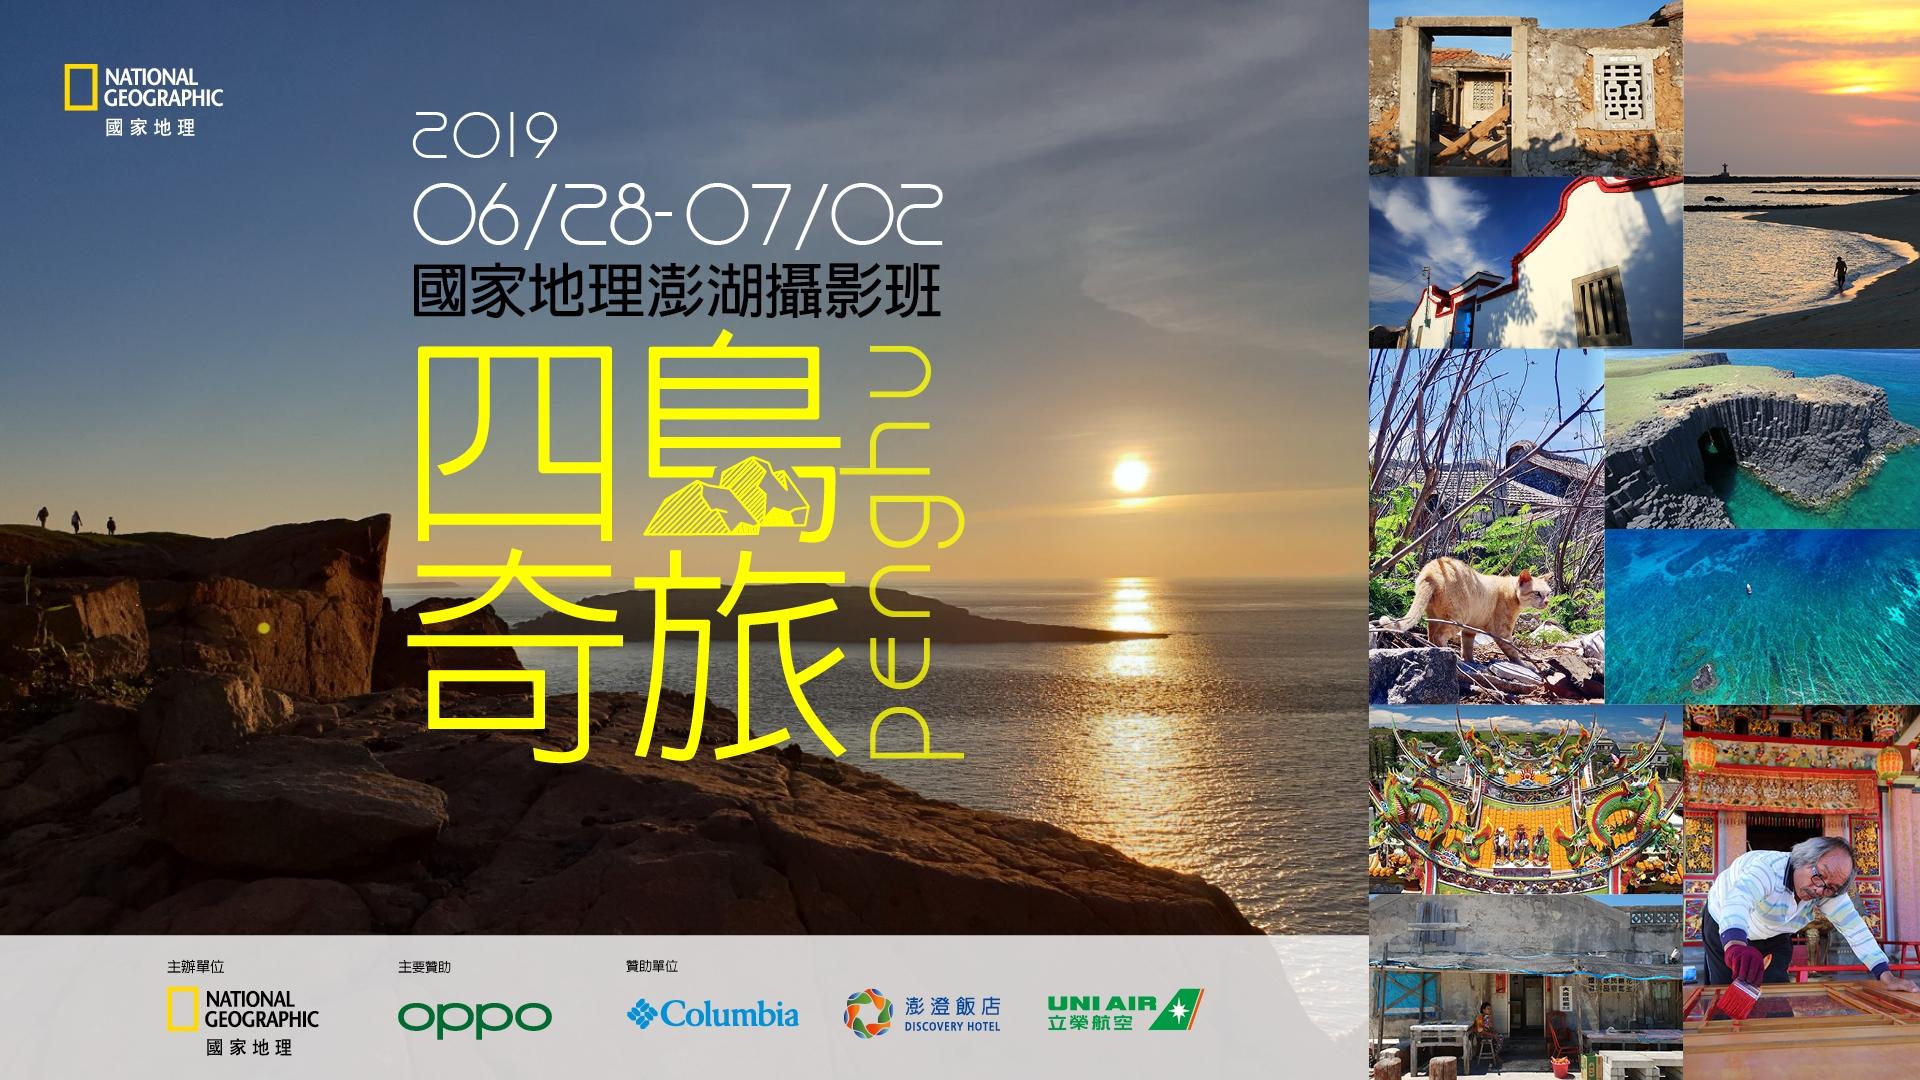 國家地理澎湖攝影班 - 四島奇旅